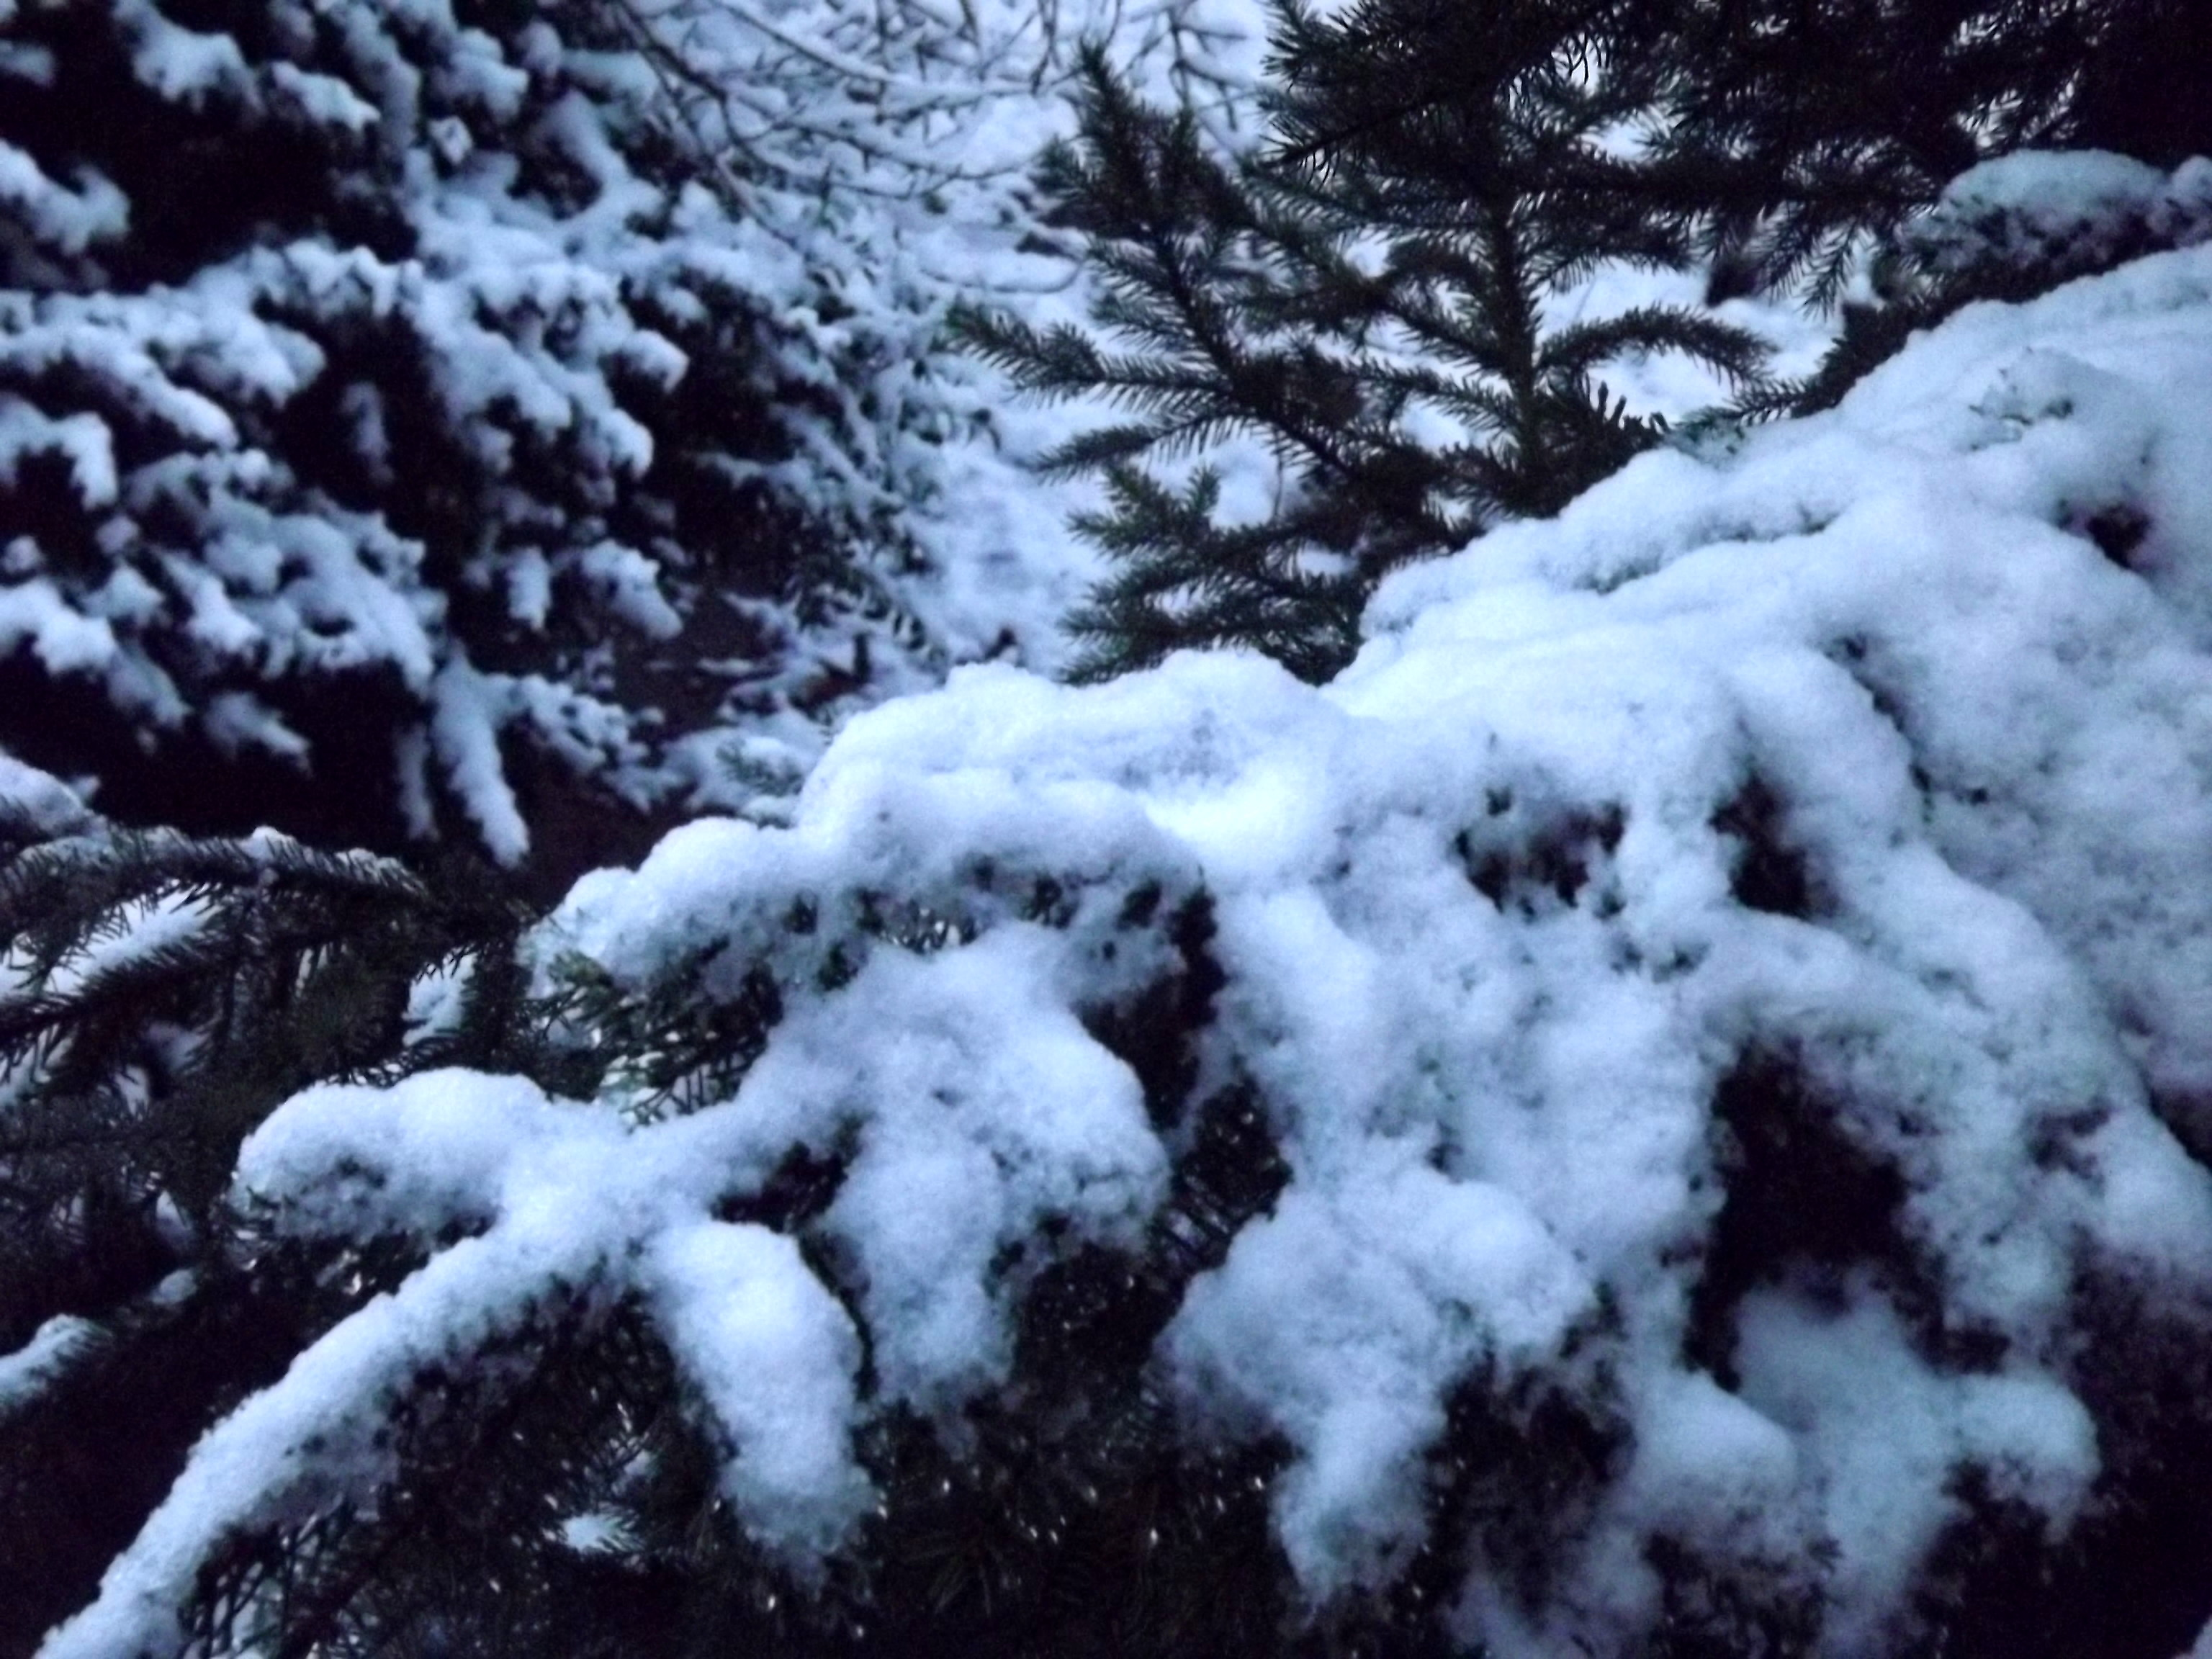 6868-schnee-tanne-verschneit